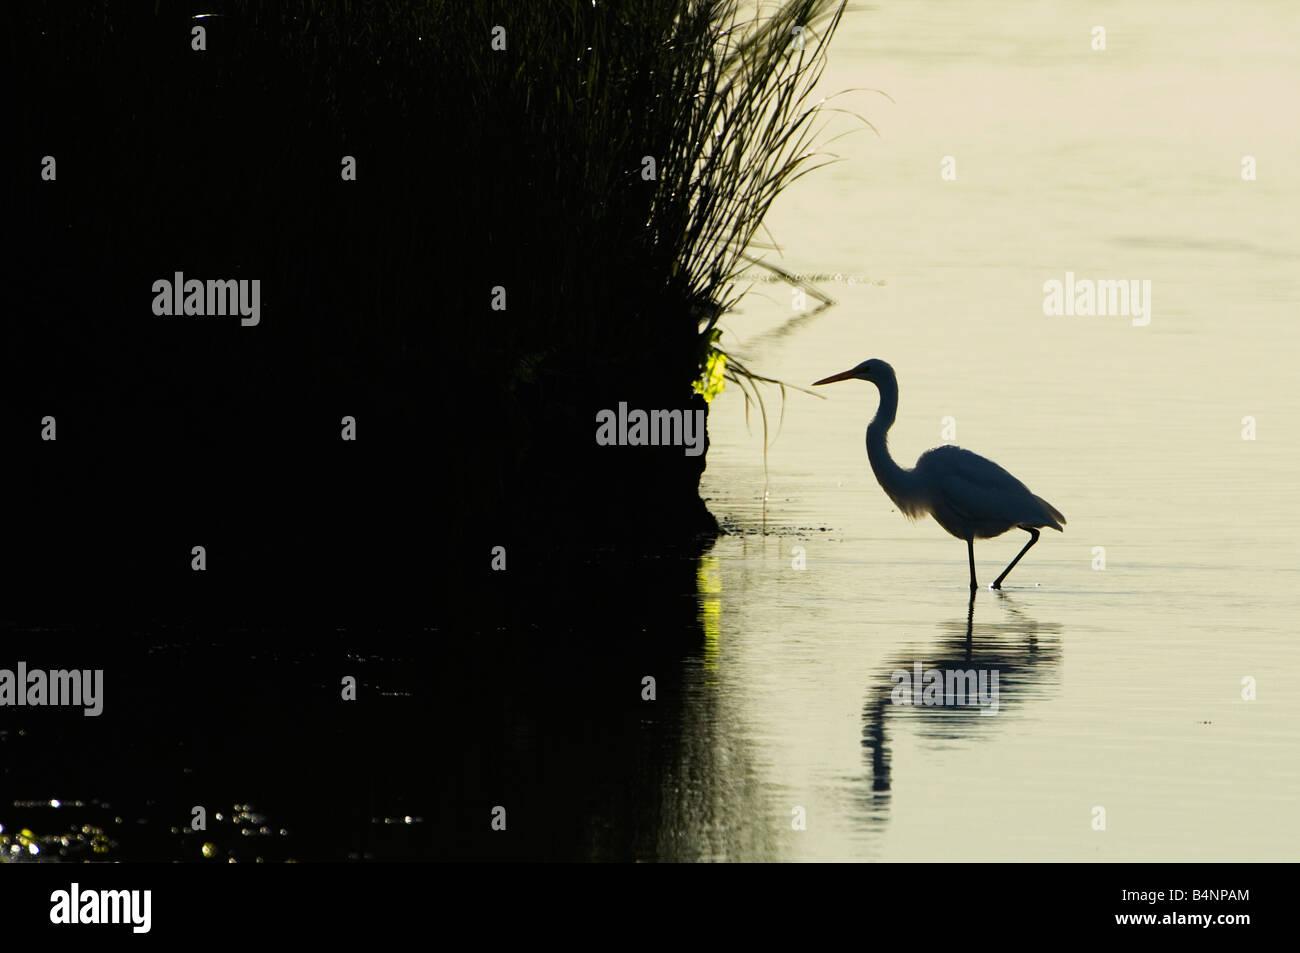 great egret silhouette in salt marsh habitat stock photo 20147532